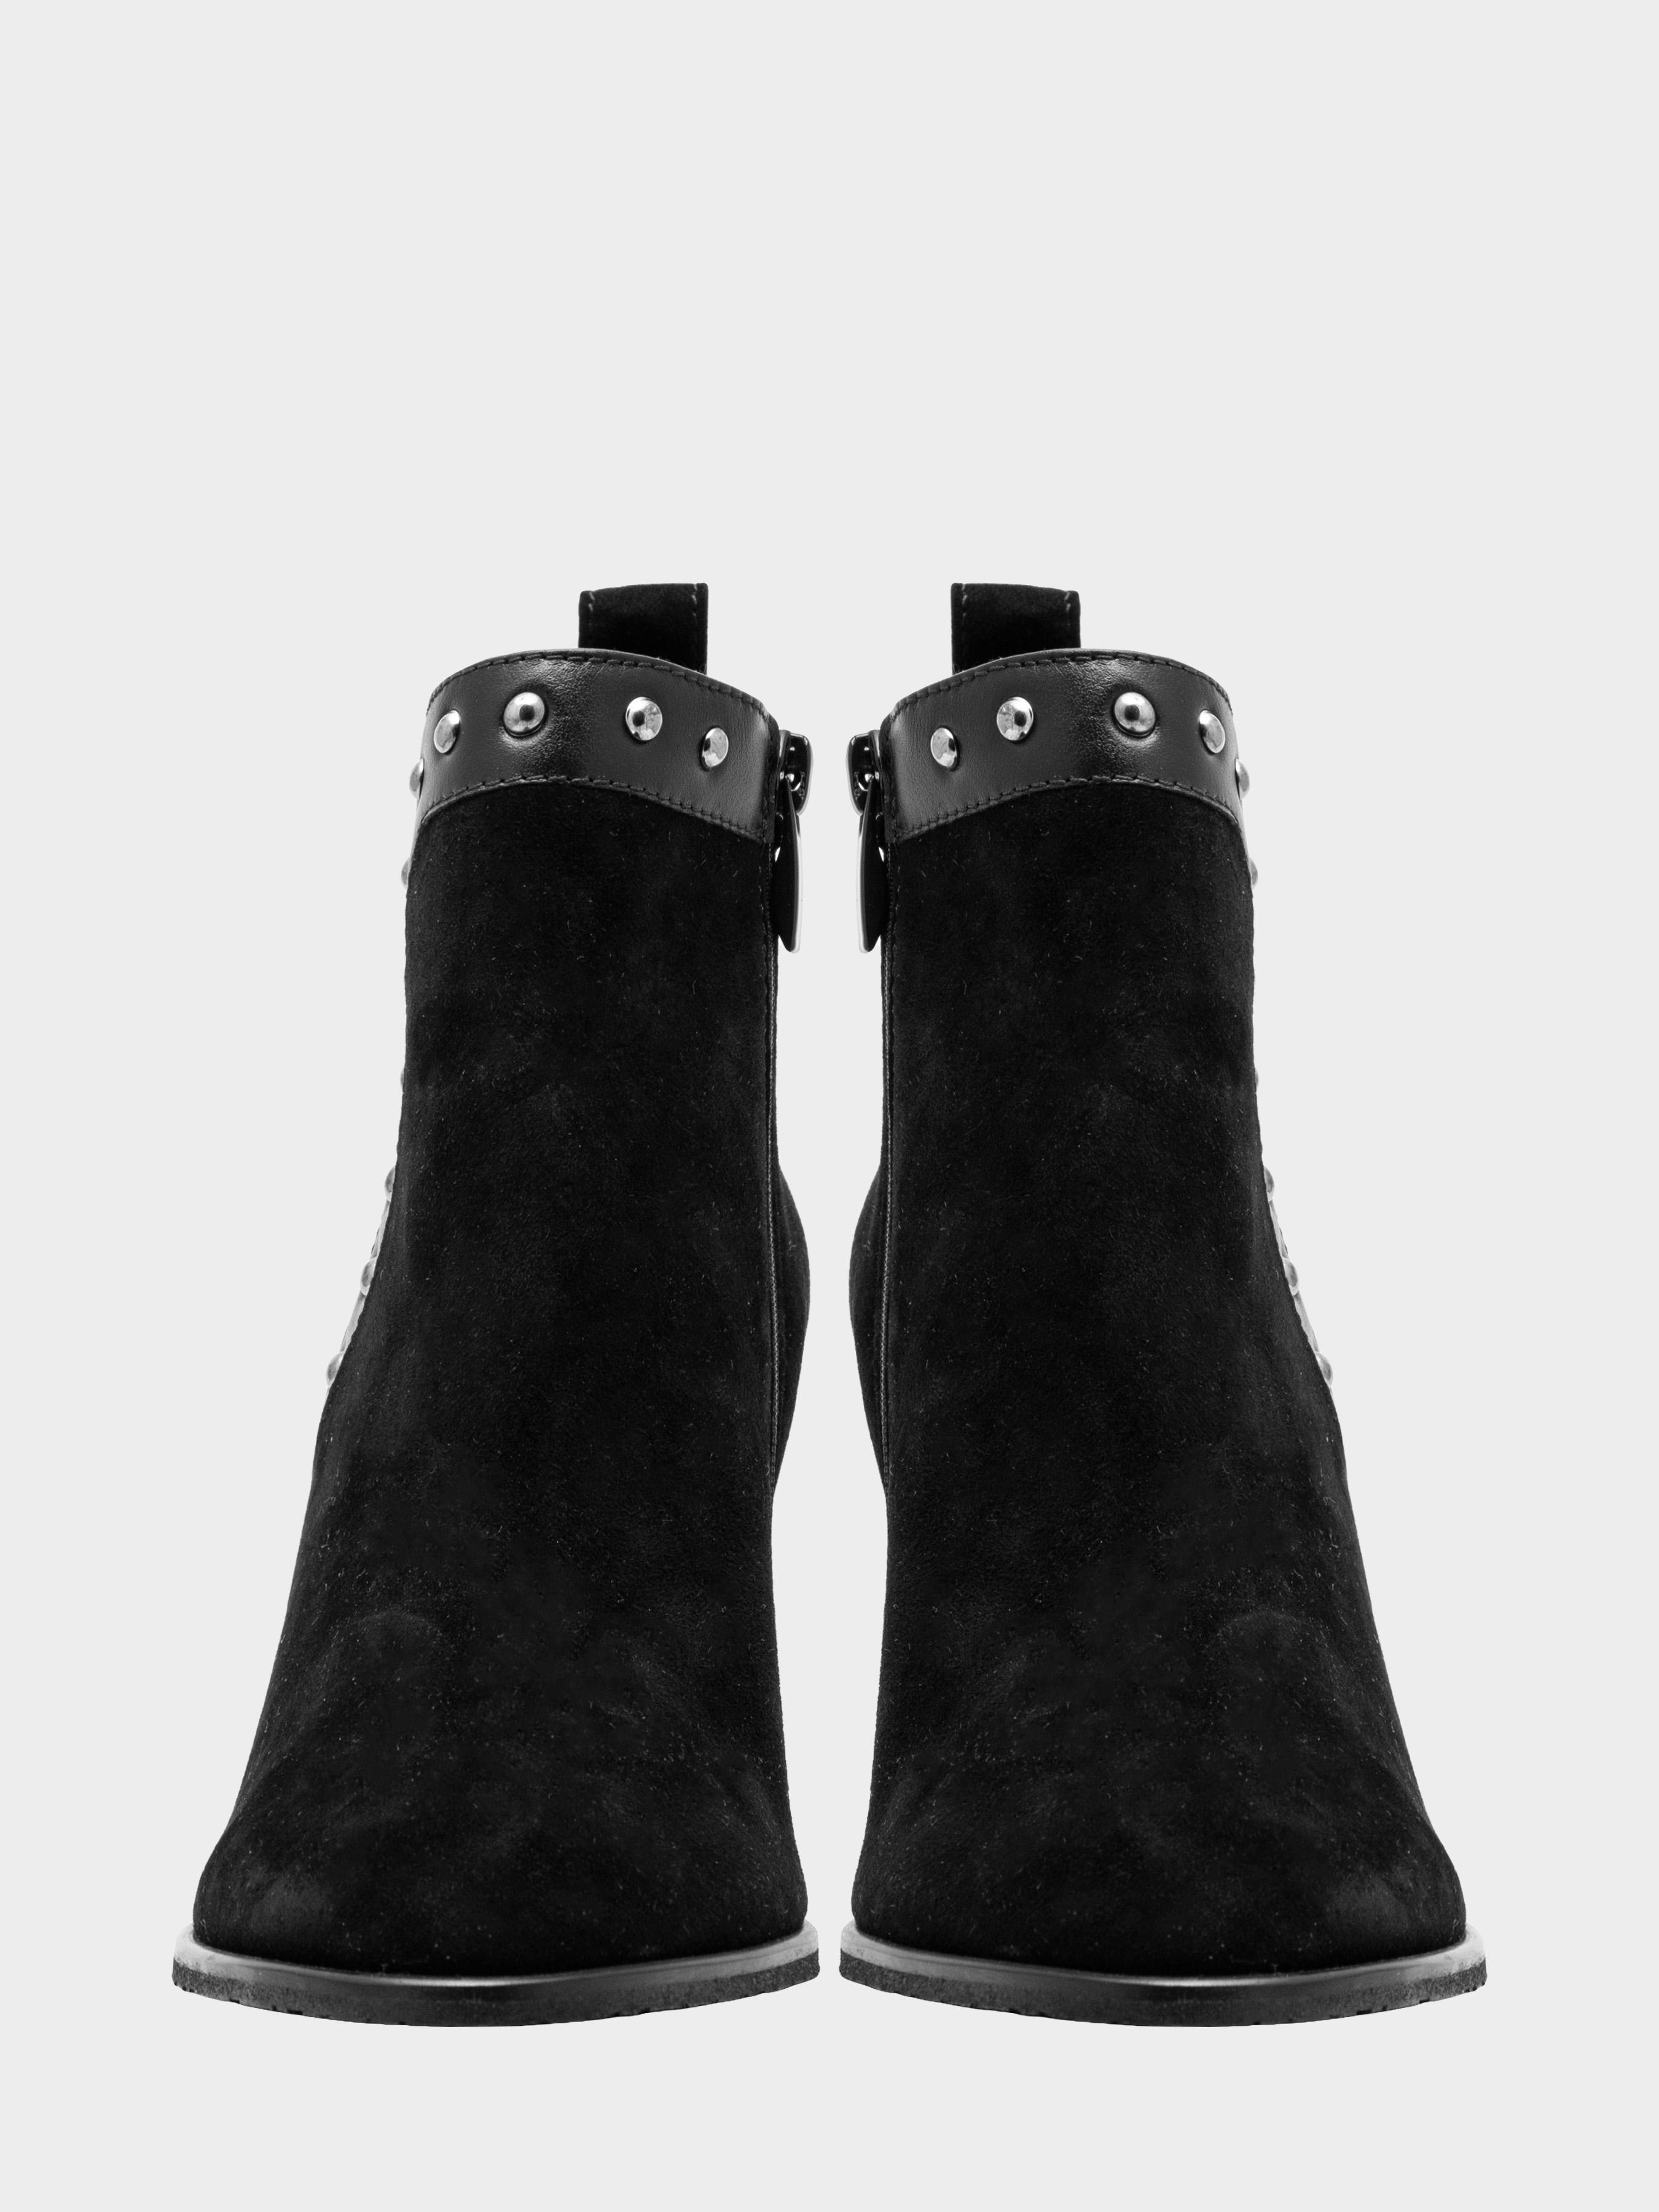 Ботинки для женщин Ботинки женские ENZO VERRATTI 18-9588-2w брендовая обувь, 2017